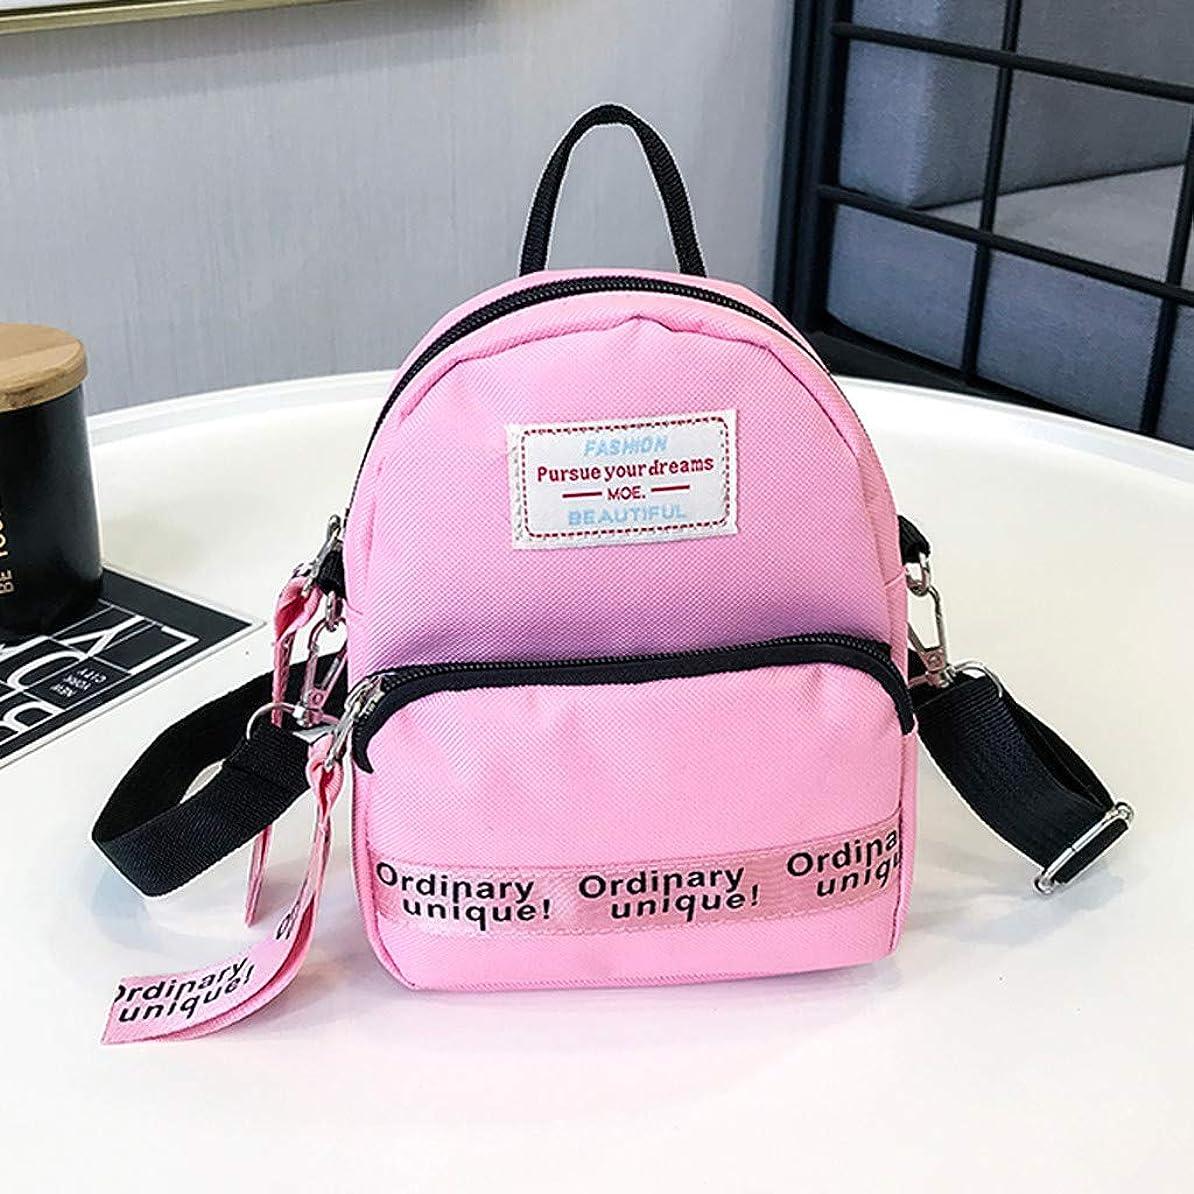 指標権限を与える悲鳴女性のシンプルなリボンミニキャンバスクロスボディバッグ、女性のトレンディなシンプルなキャンバスショルダーバッグレディースミニレジャークロスボディバッグ、ストリートスタイルの文字刺繍キャンバスメッセンジャーバッグ (ピンク)